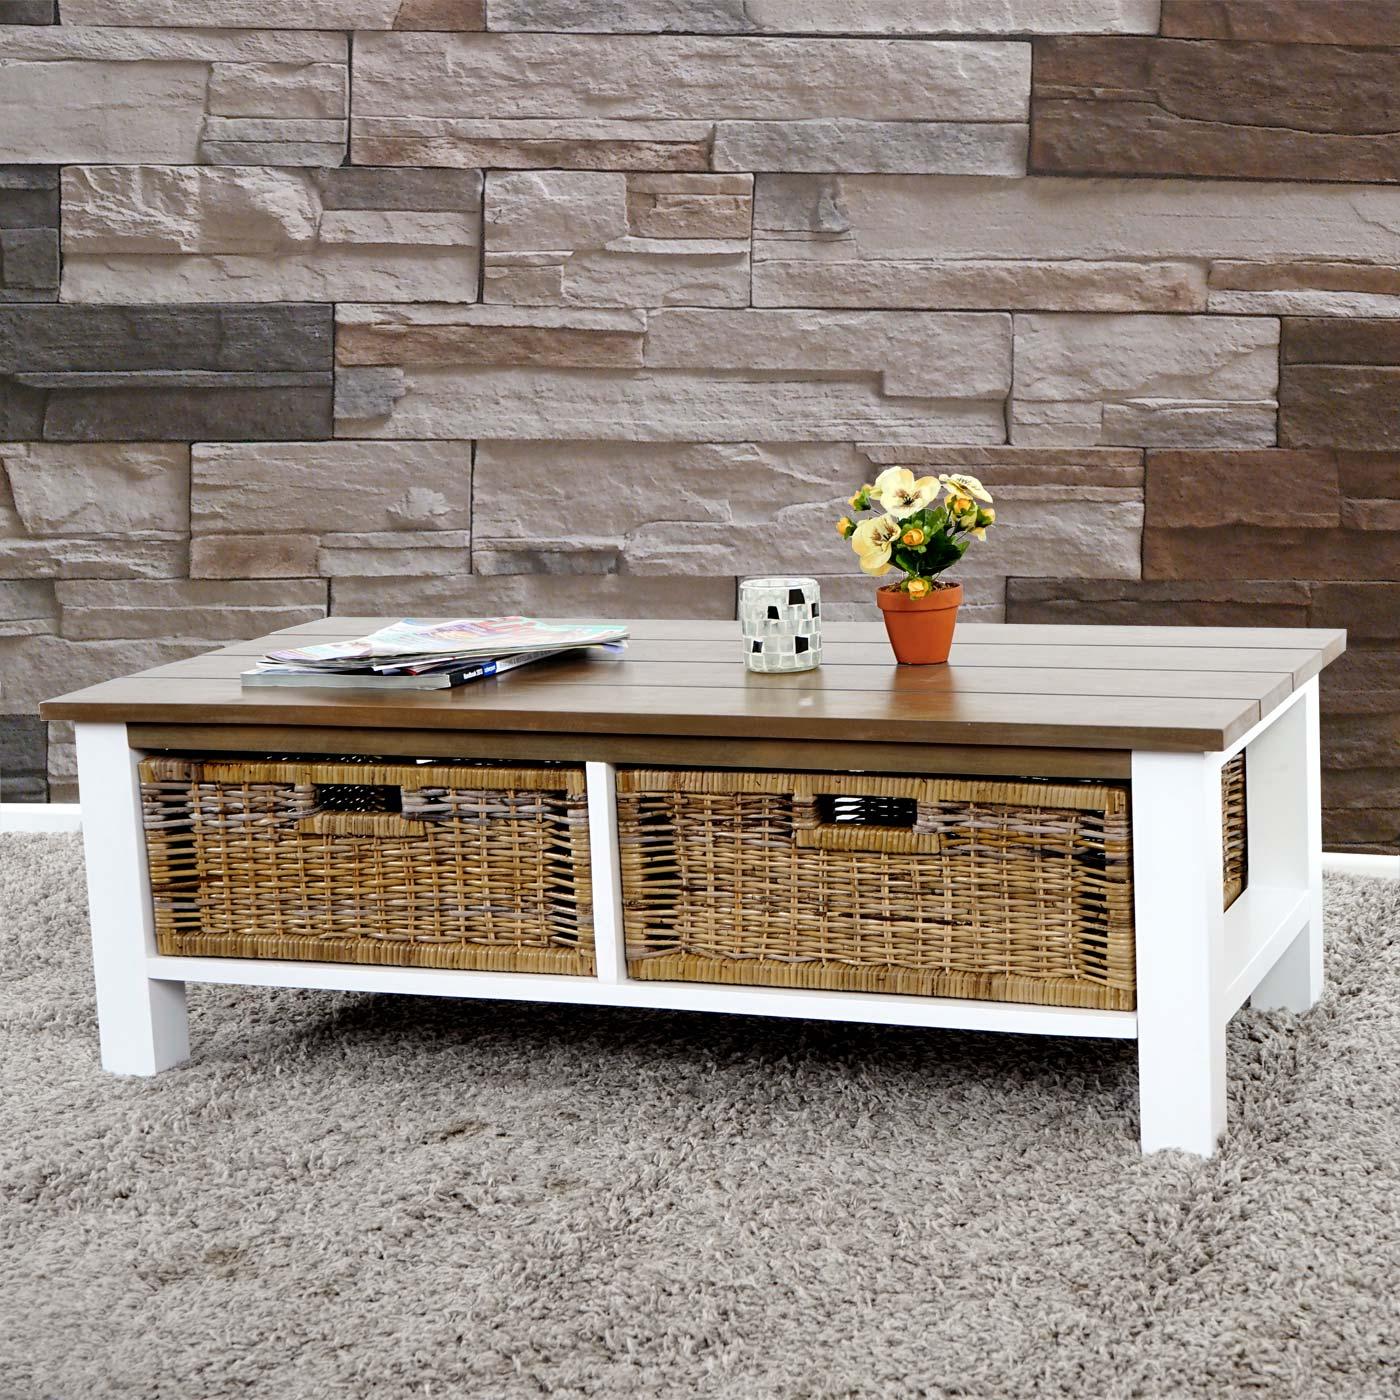 couchtisch tula wohnzimmertisch beistelltisch holztisch. Black Bedroom Furniture Sets. Home Design Ideas